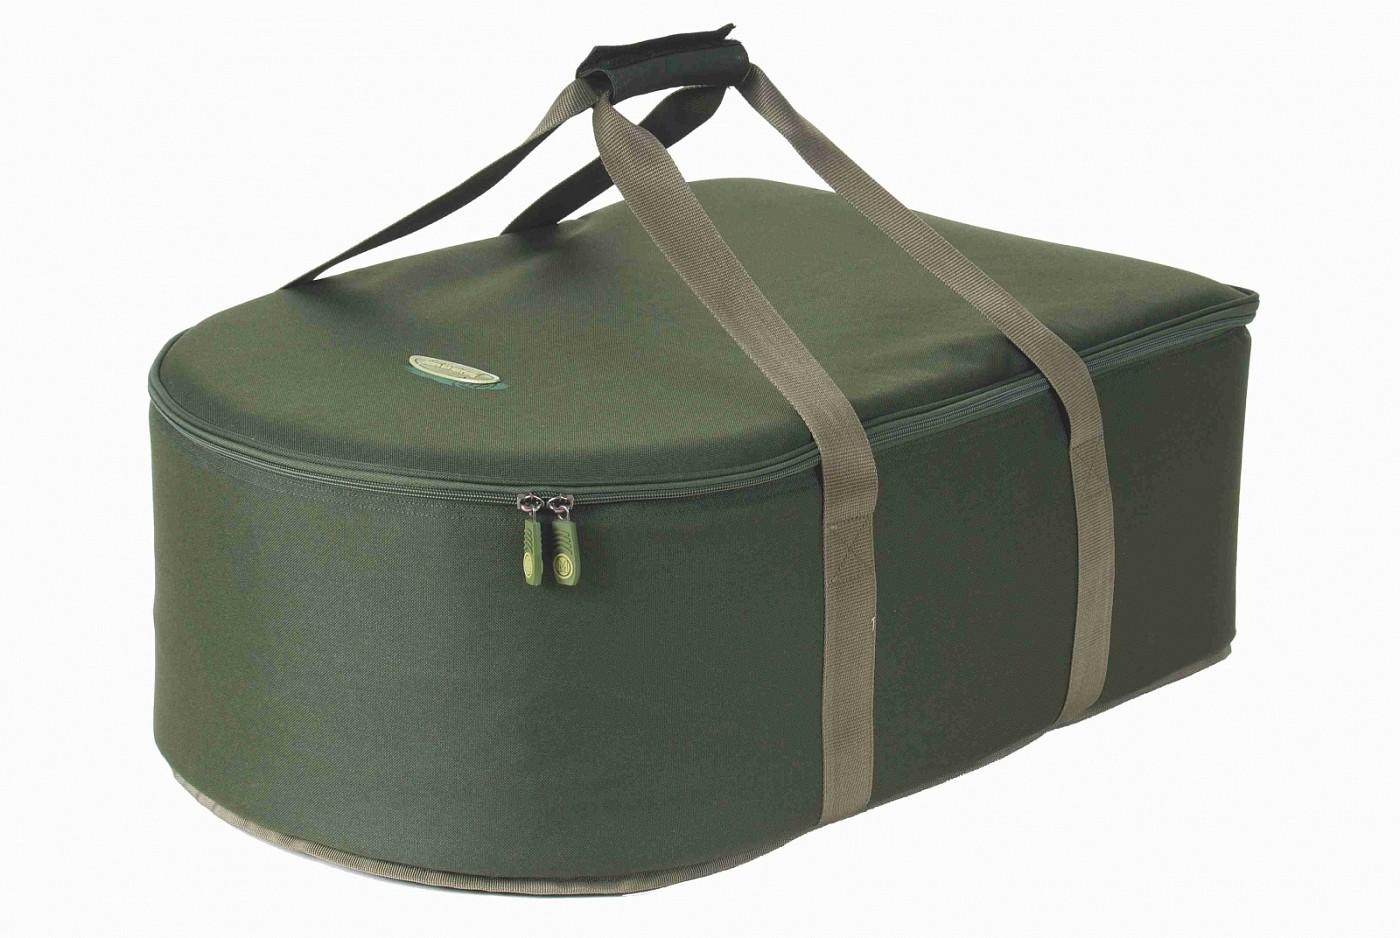 /produkty/102/zavazacie-lodky/Mivardi/Transportna-taska-na-lodku-Carp-Scout-XL-baitboat